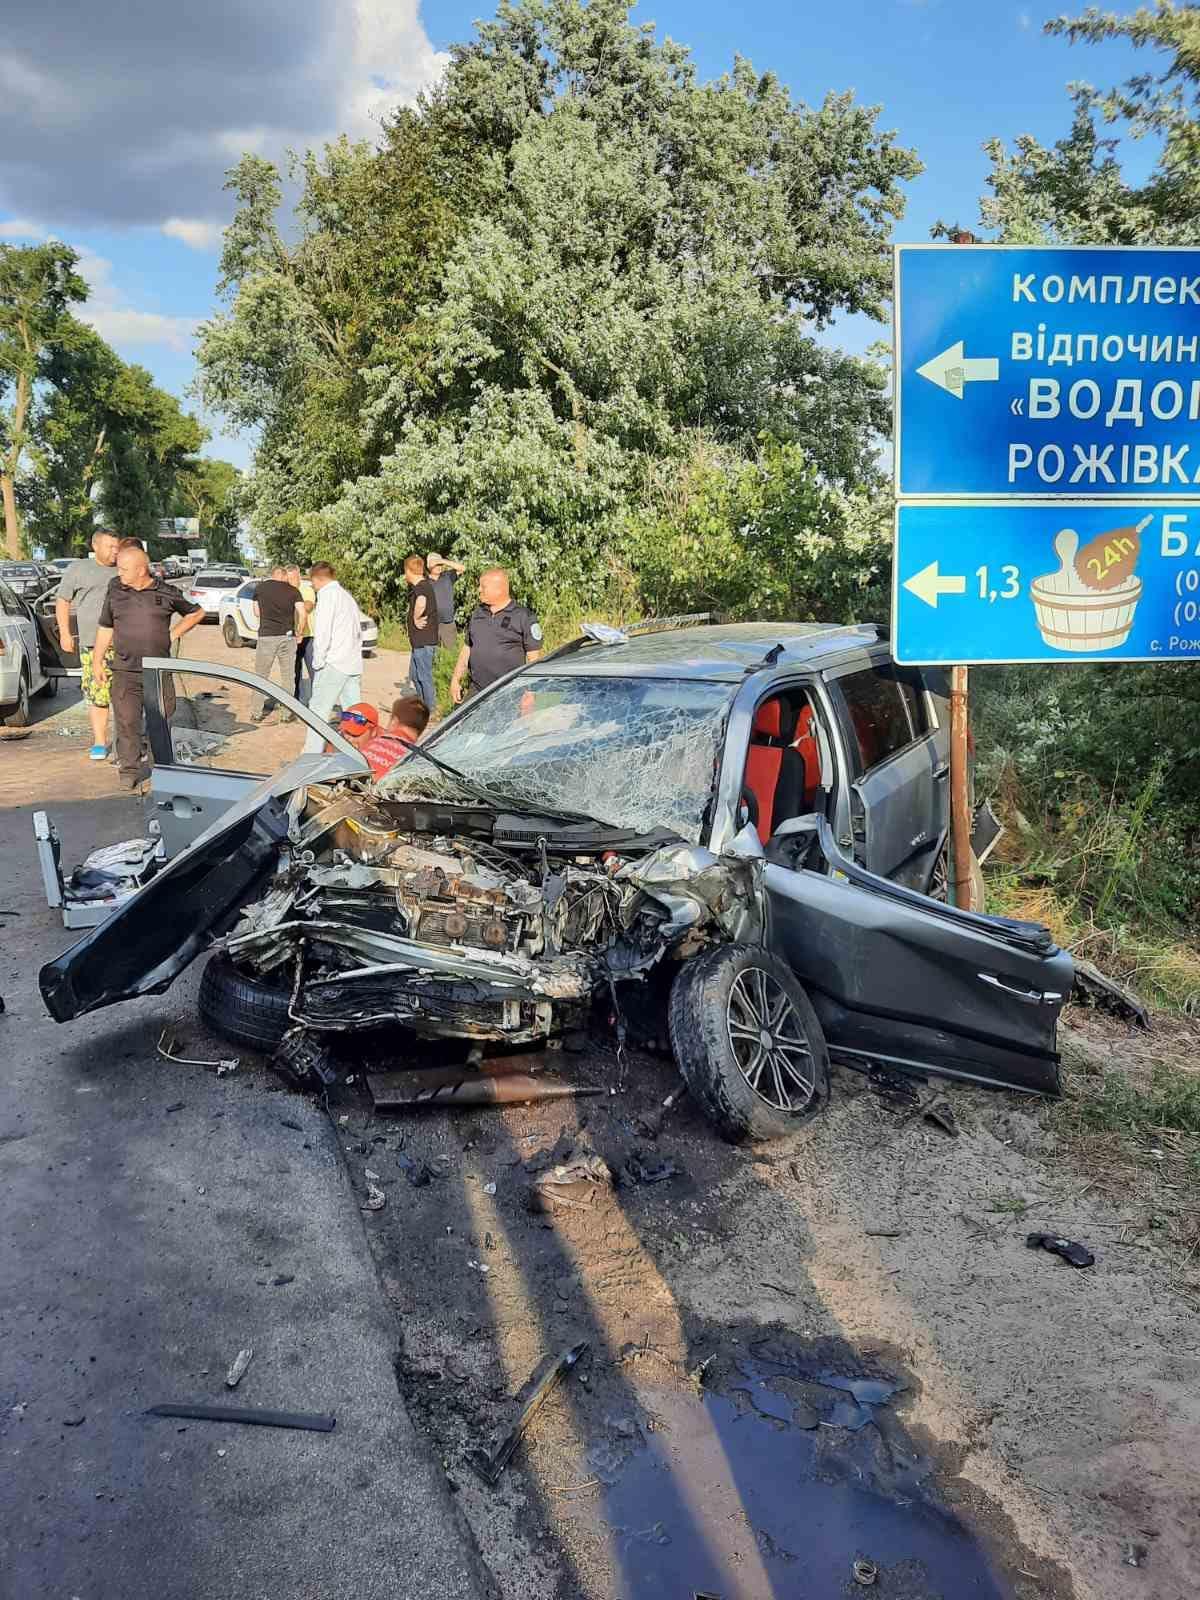 Смертельна ДТП біля Рожівки, 12.08.2021, фото - поліція